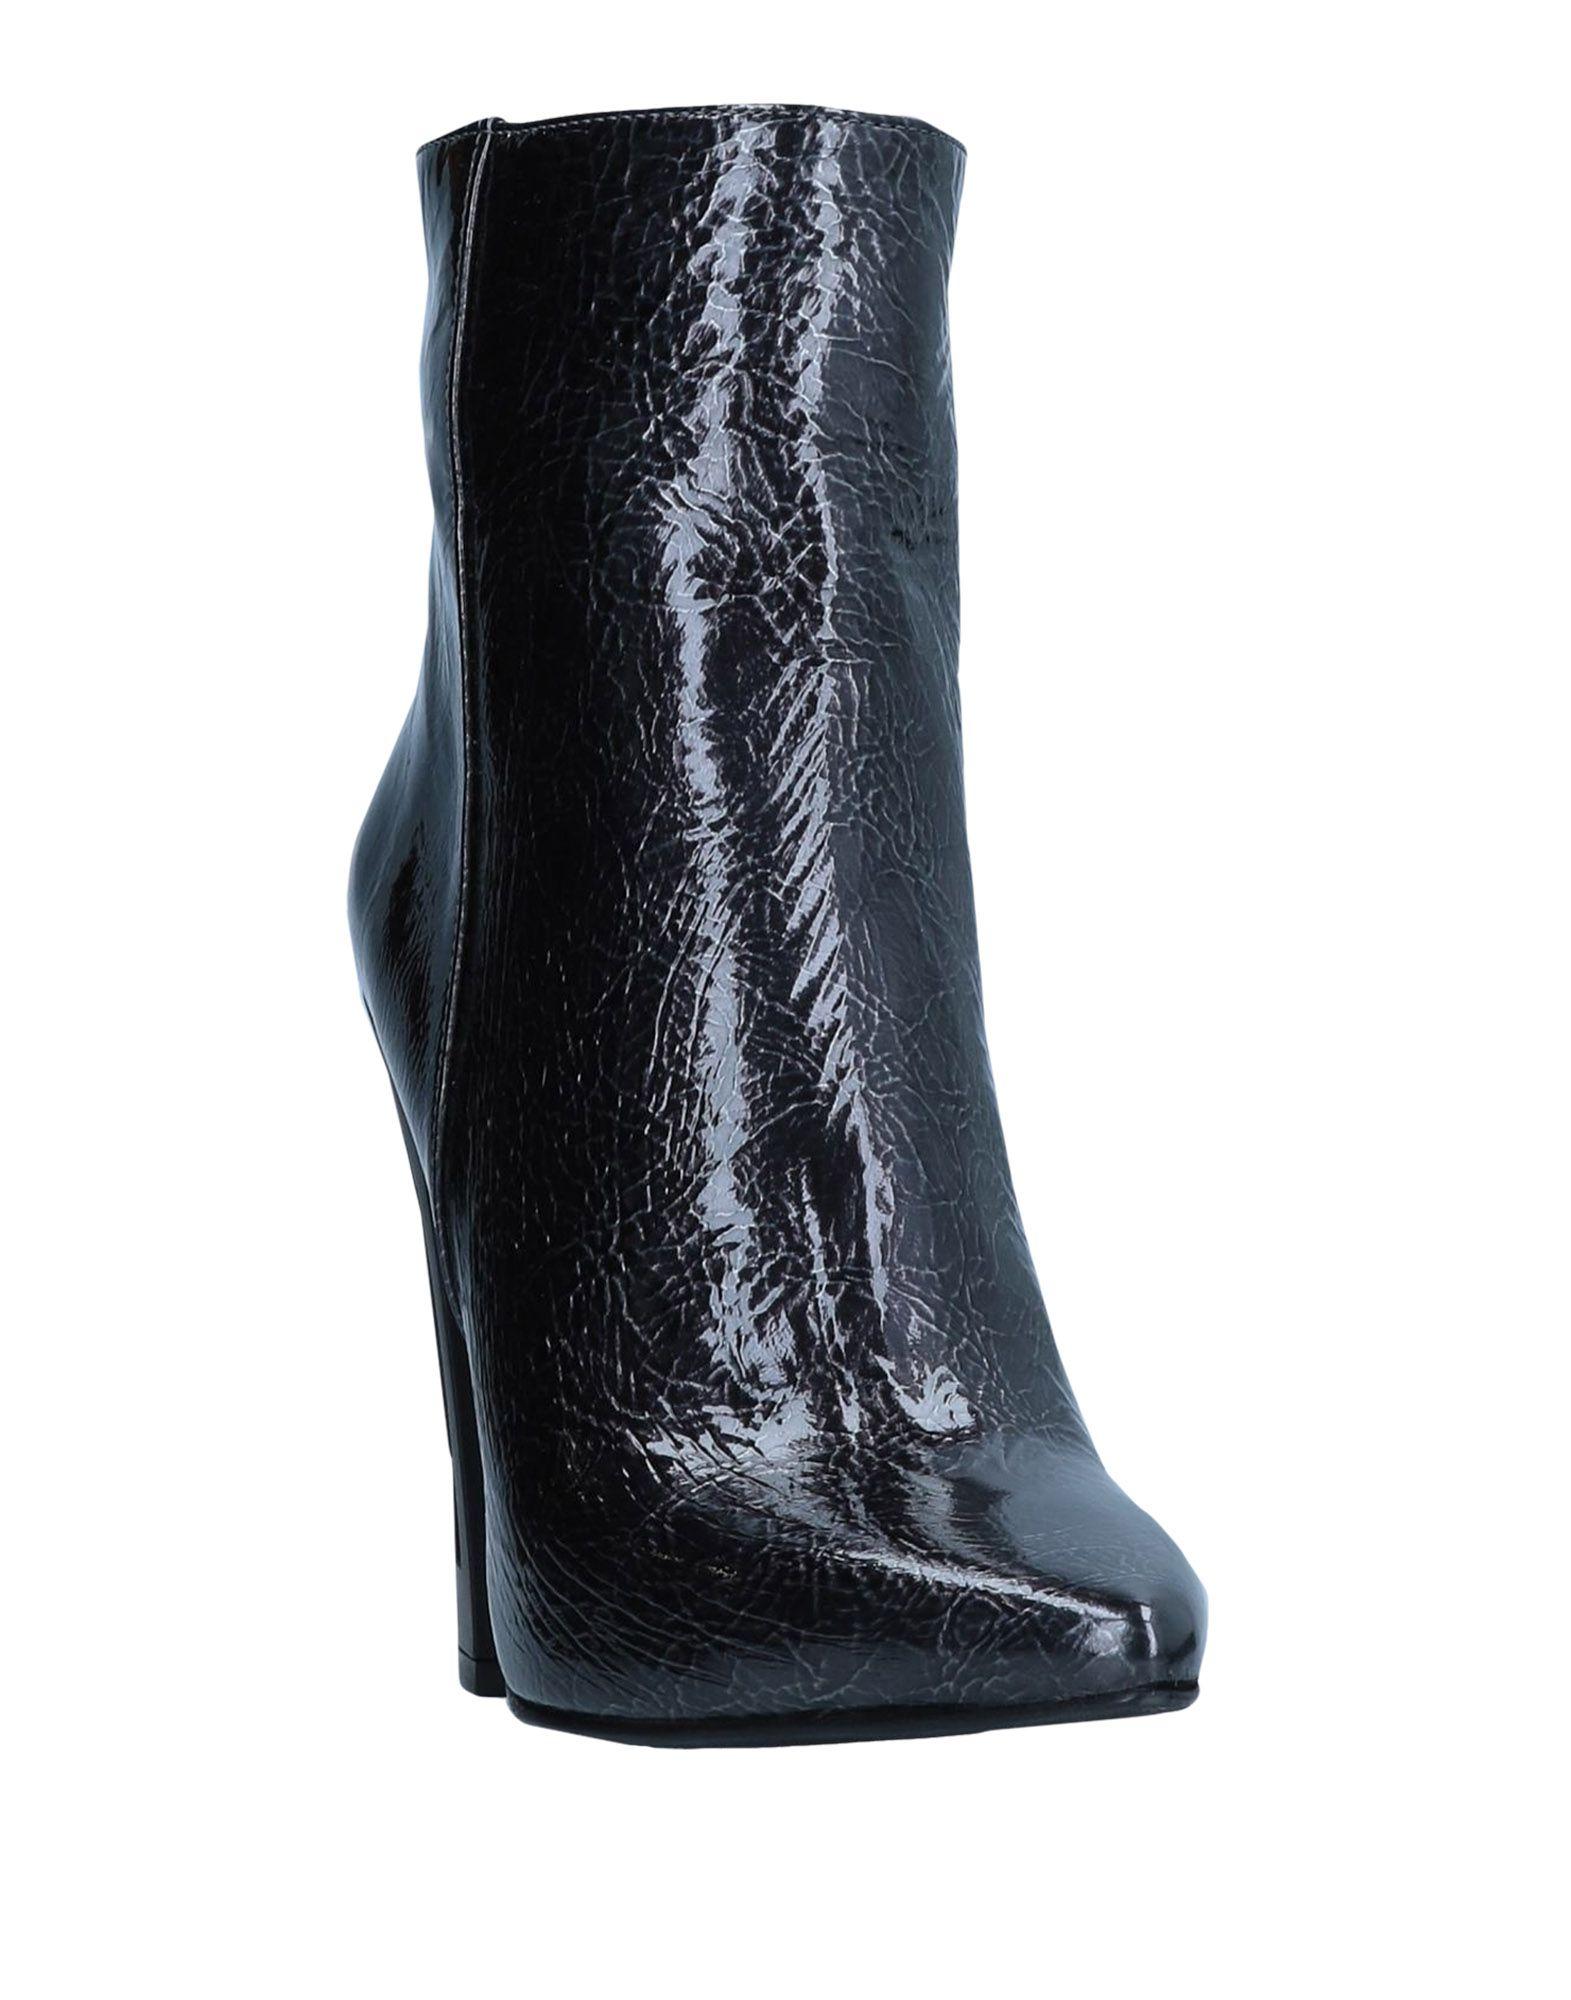 Gut um Stiefelette billige Schuhe zu tragenMarc Ellis Stiefelette um Damen  11546056LP 8938ce